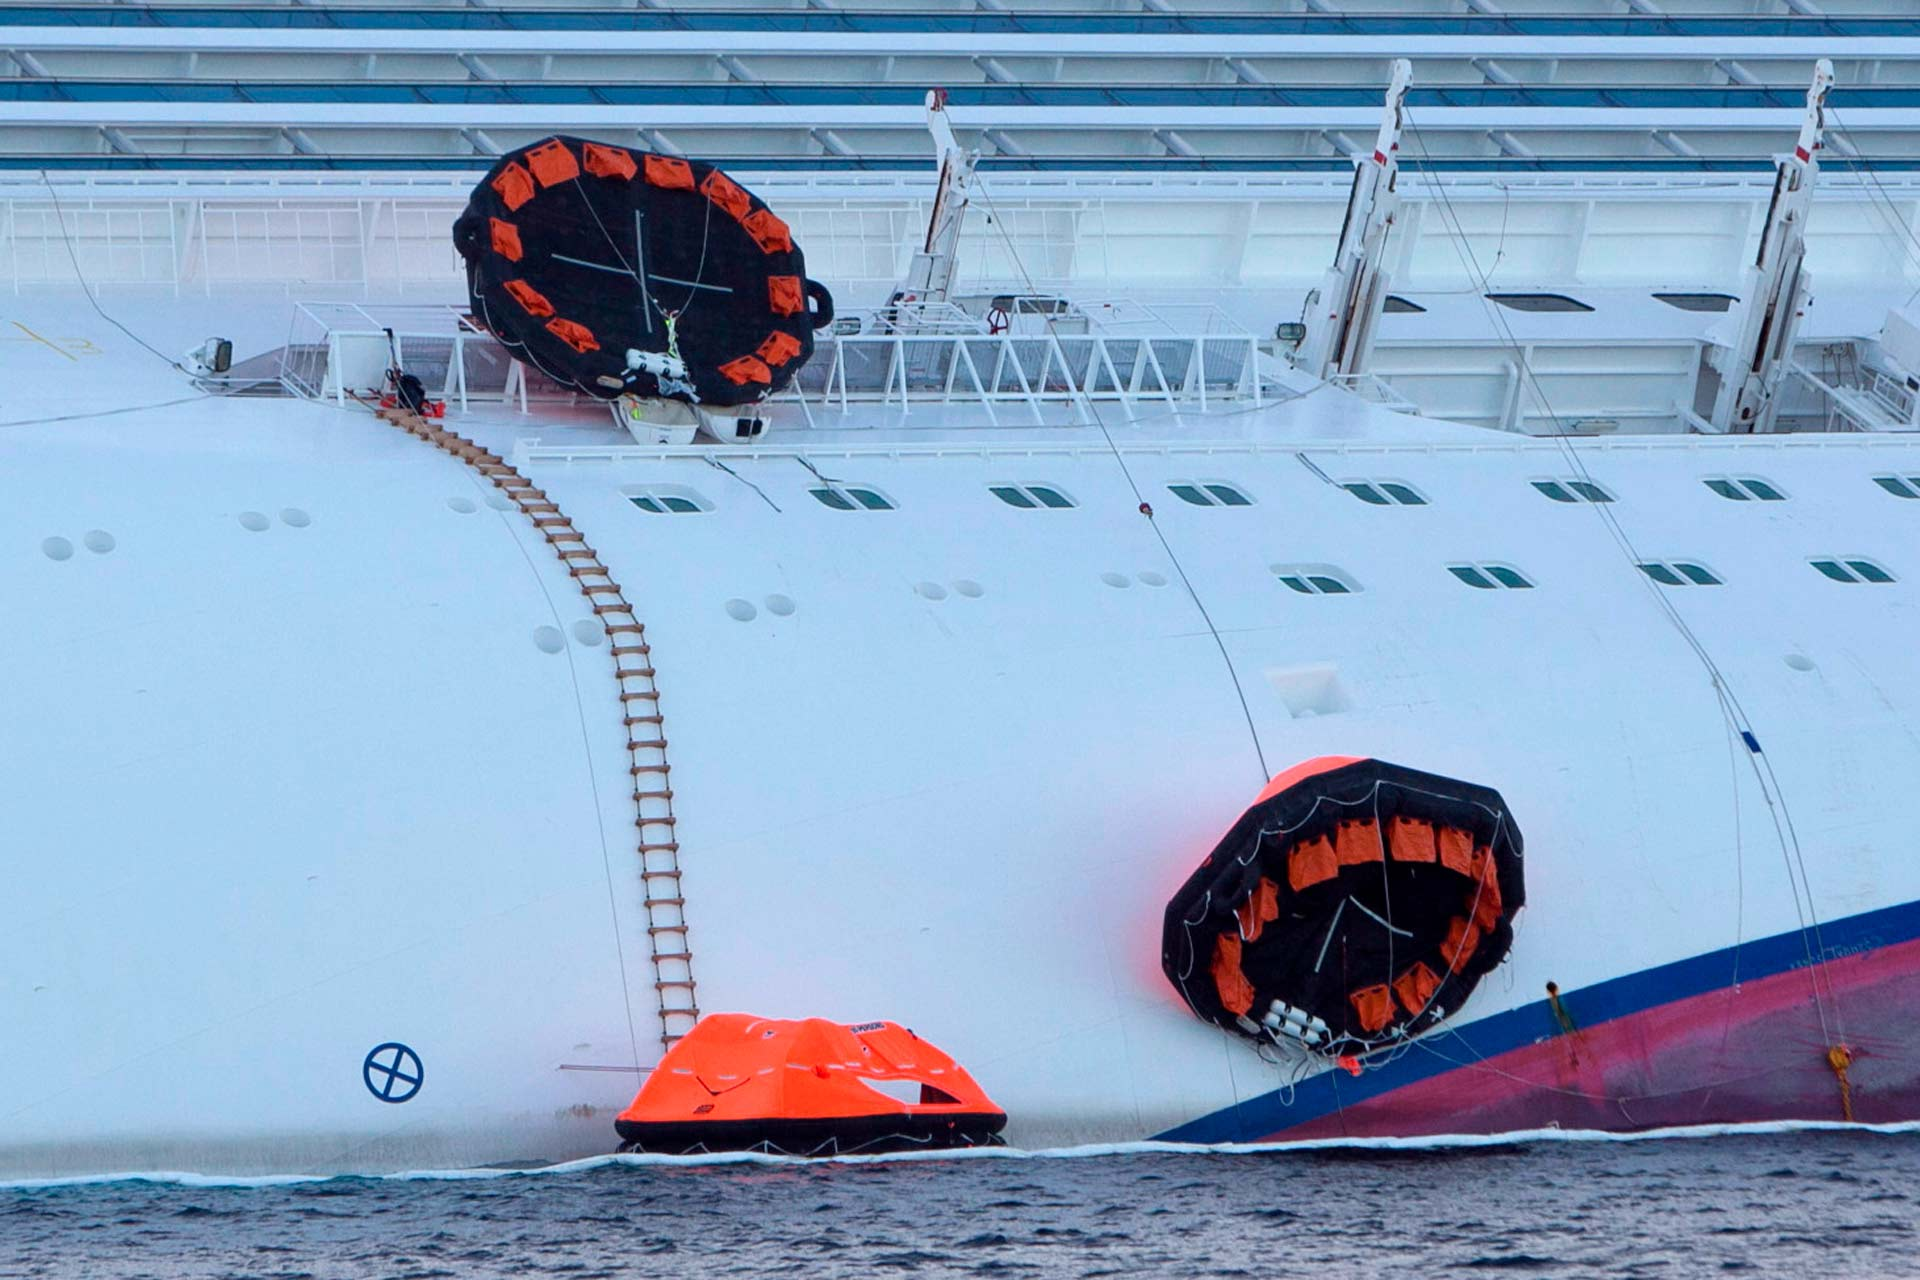 Alcuni battelli di salvataggio sono rimasti impigliati nel sartiame della nave durante la fuga caotica e sono rimasti inutilizzati.